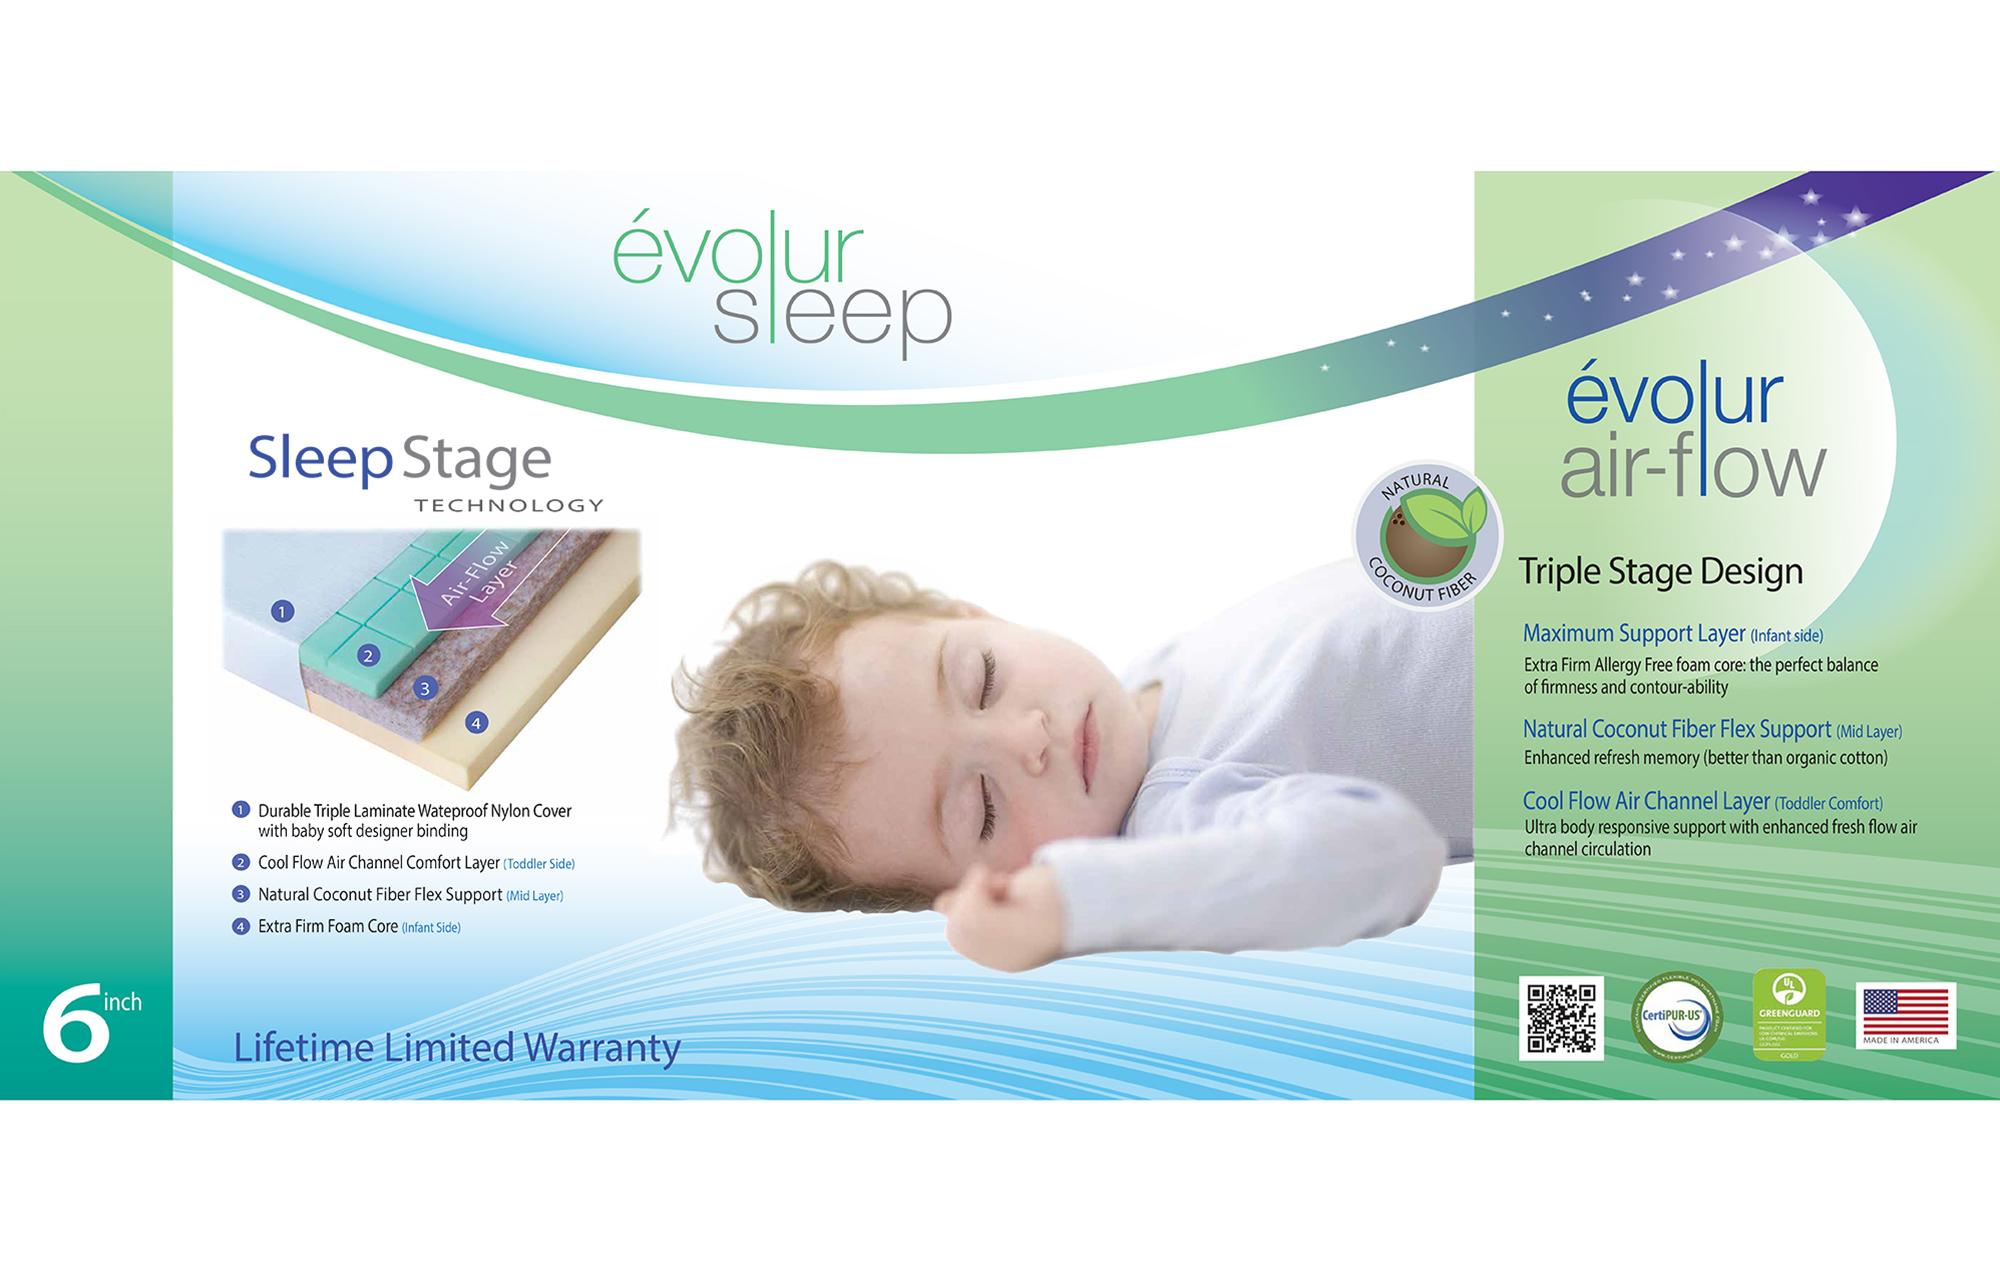 Evolur Sleep Mattresses